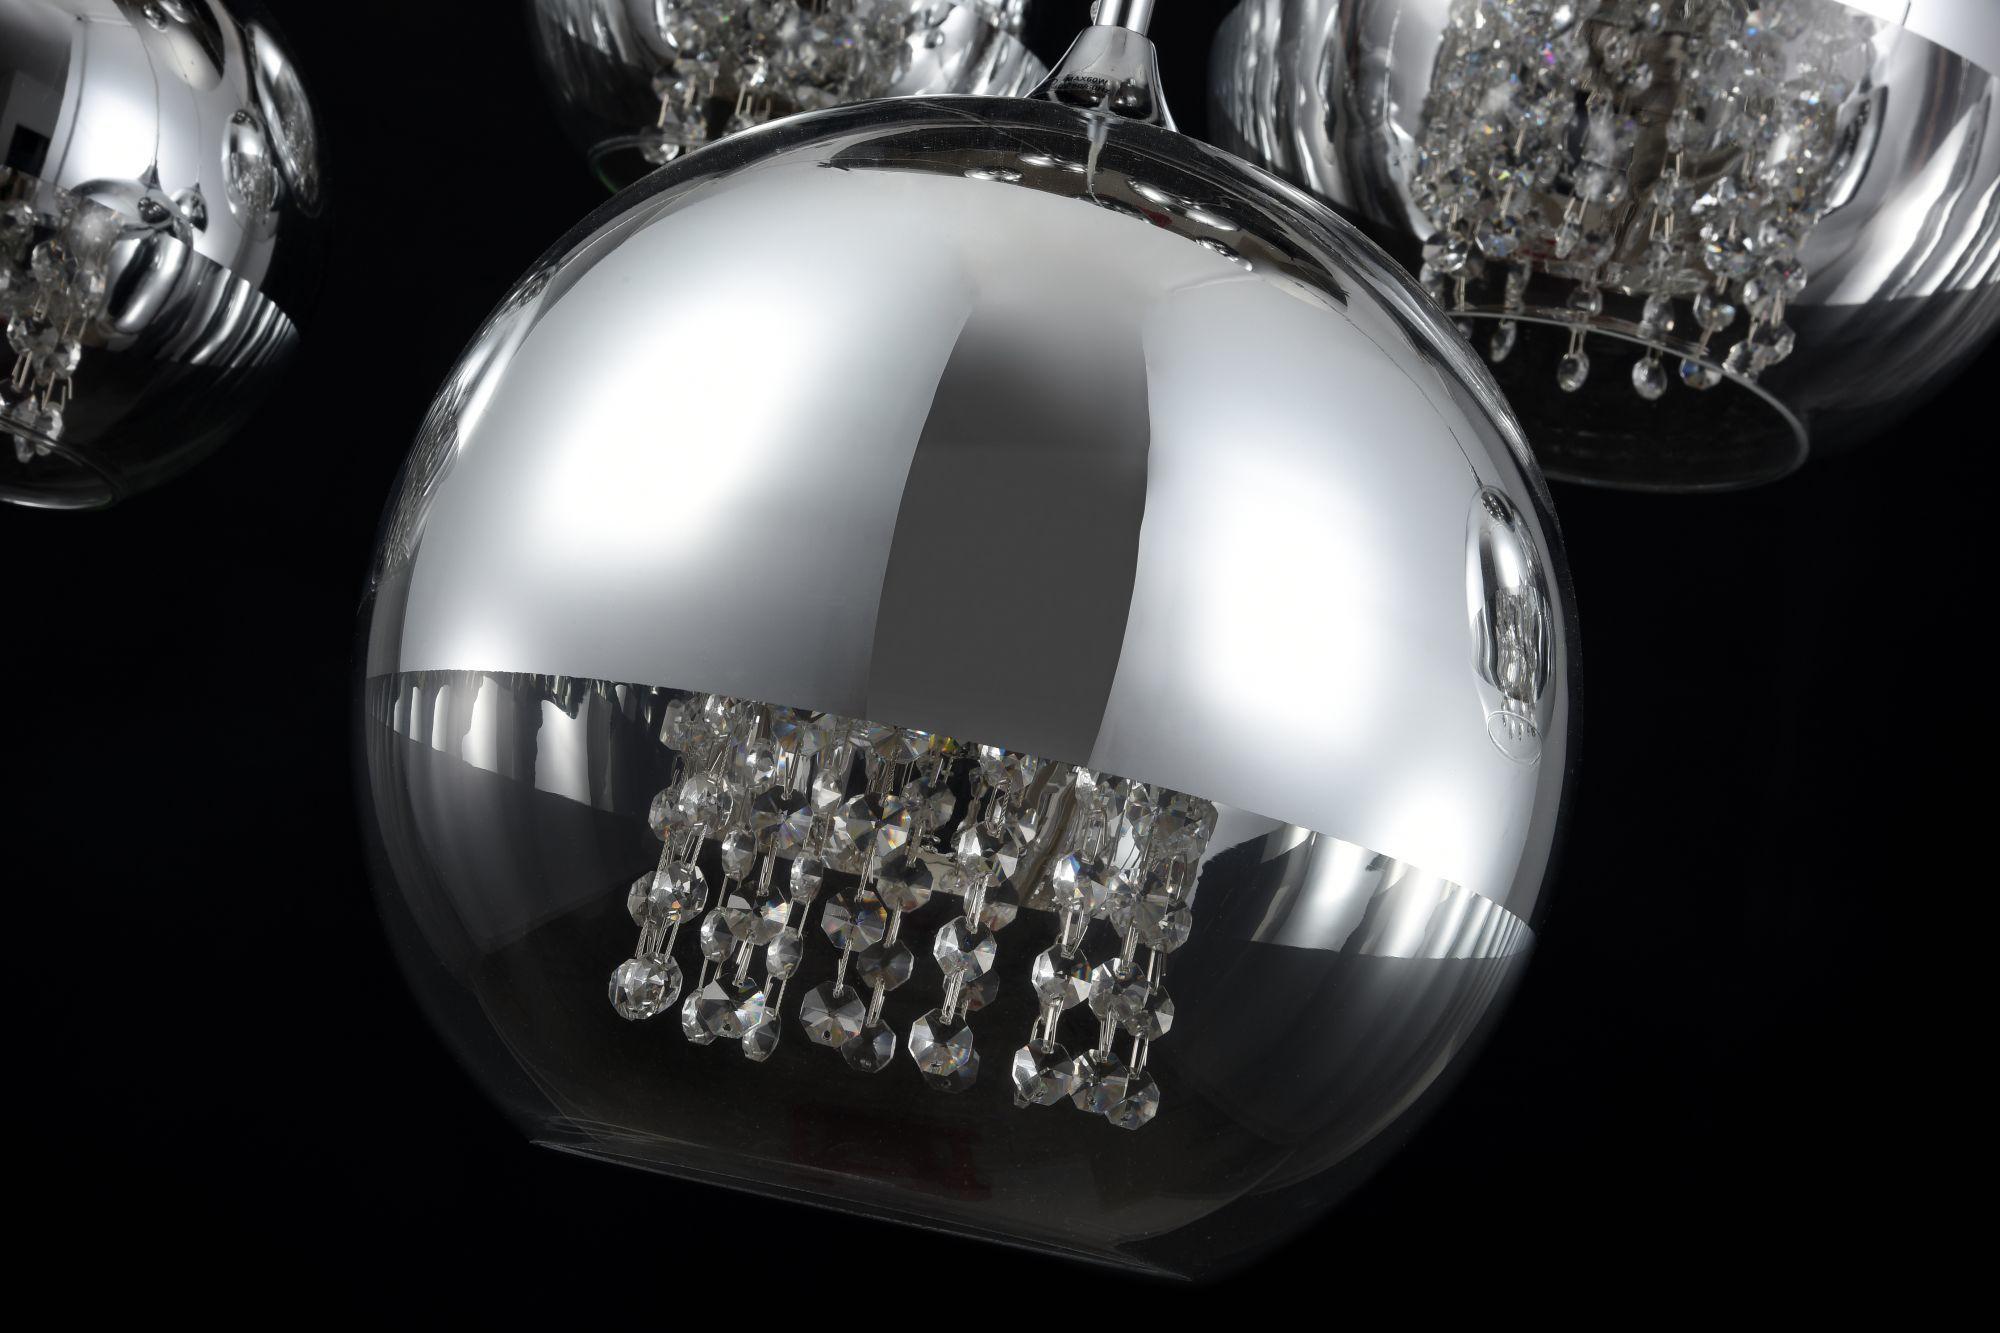 Люстра-каскад Maytoni Fermi P140-PL-170-5-N (F140-05-N), 5xE27x60W, никель, хром с прозрачным, прозрачный с хромом, прозрачный, металл, стекло - фото 7